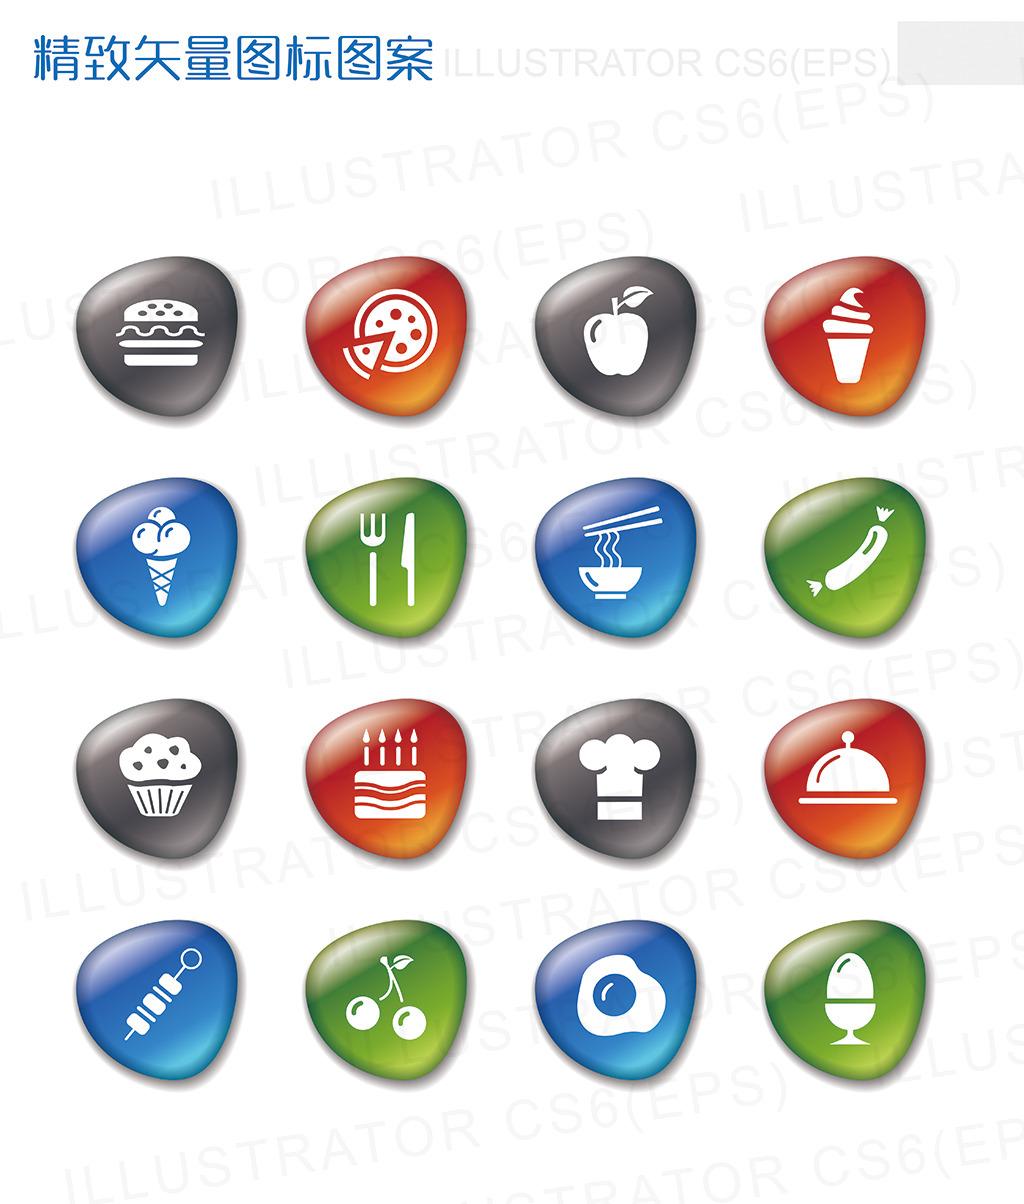 卡通快餐料理app图标设计